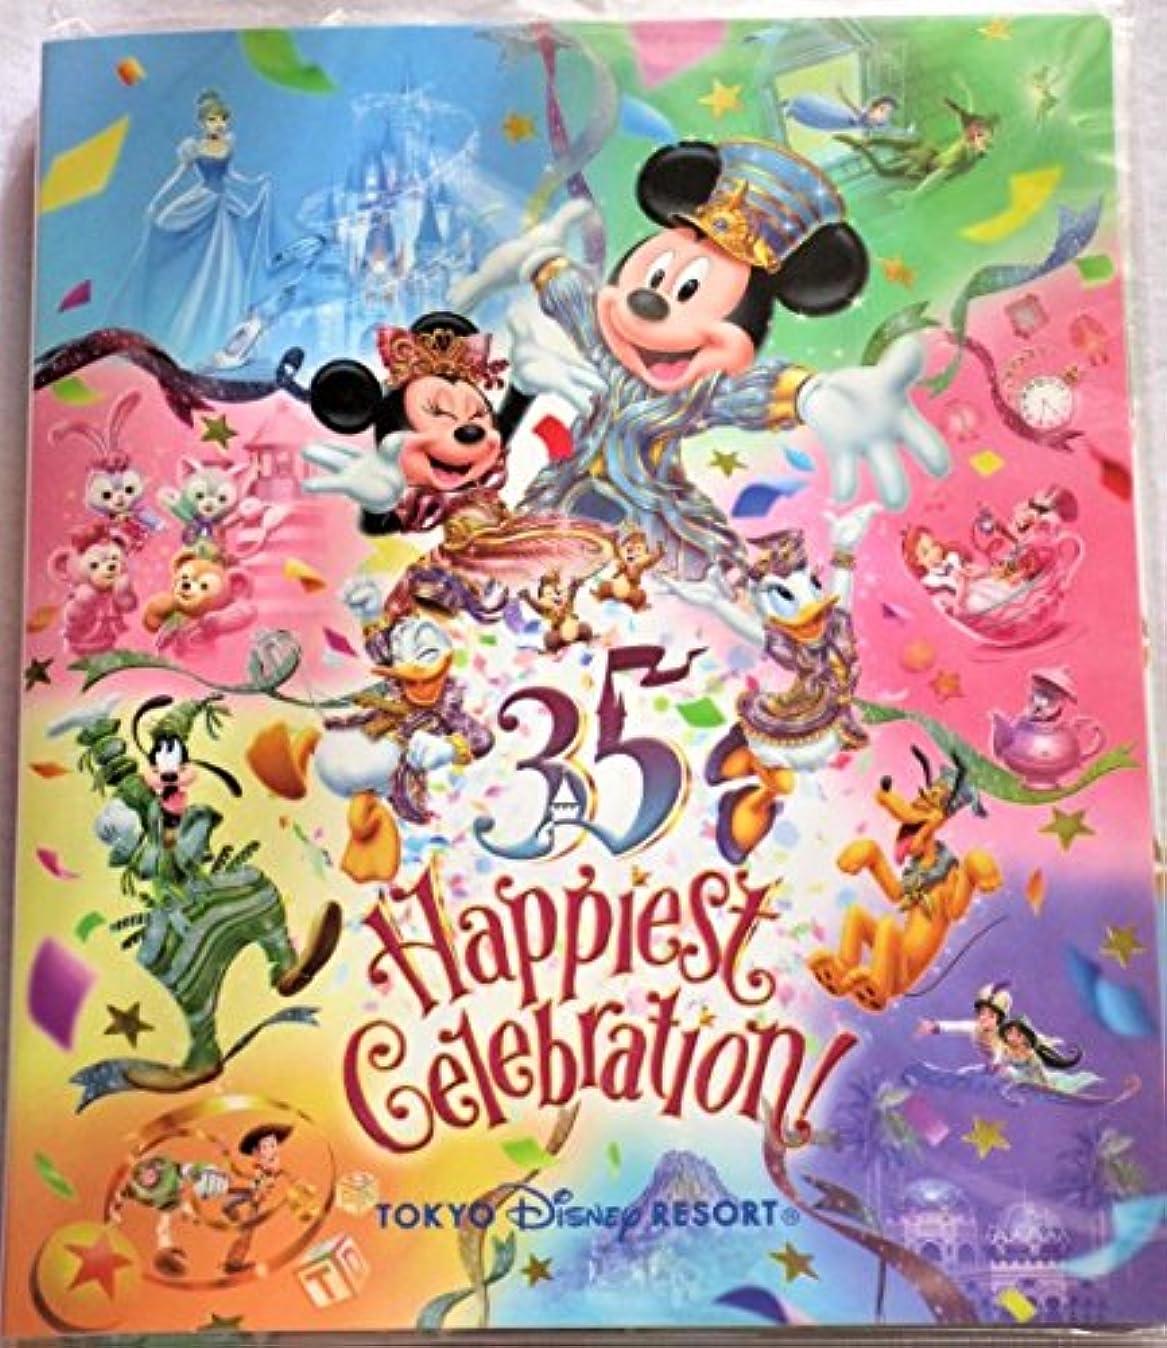 いっぱいスラッシュ親指東京 ディズニーリゾート 35周年 アルバム フォトアルバム ミッキー&フレンズ Happiest Celebration !  ディズニーランド ディズニー 35th TDR